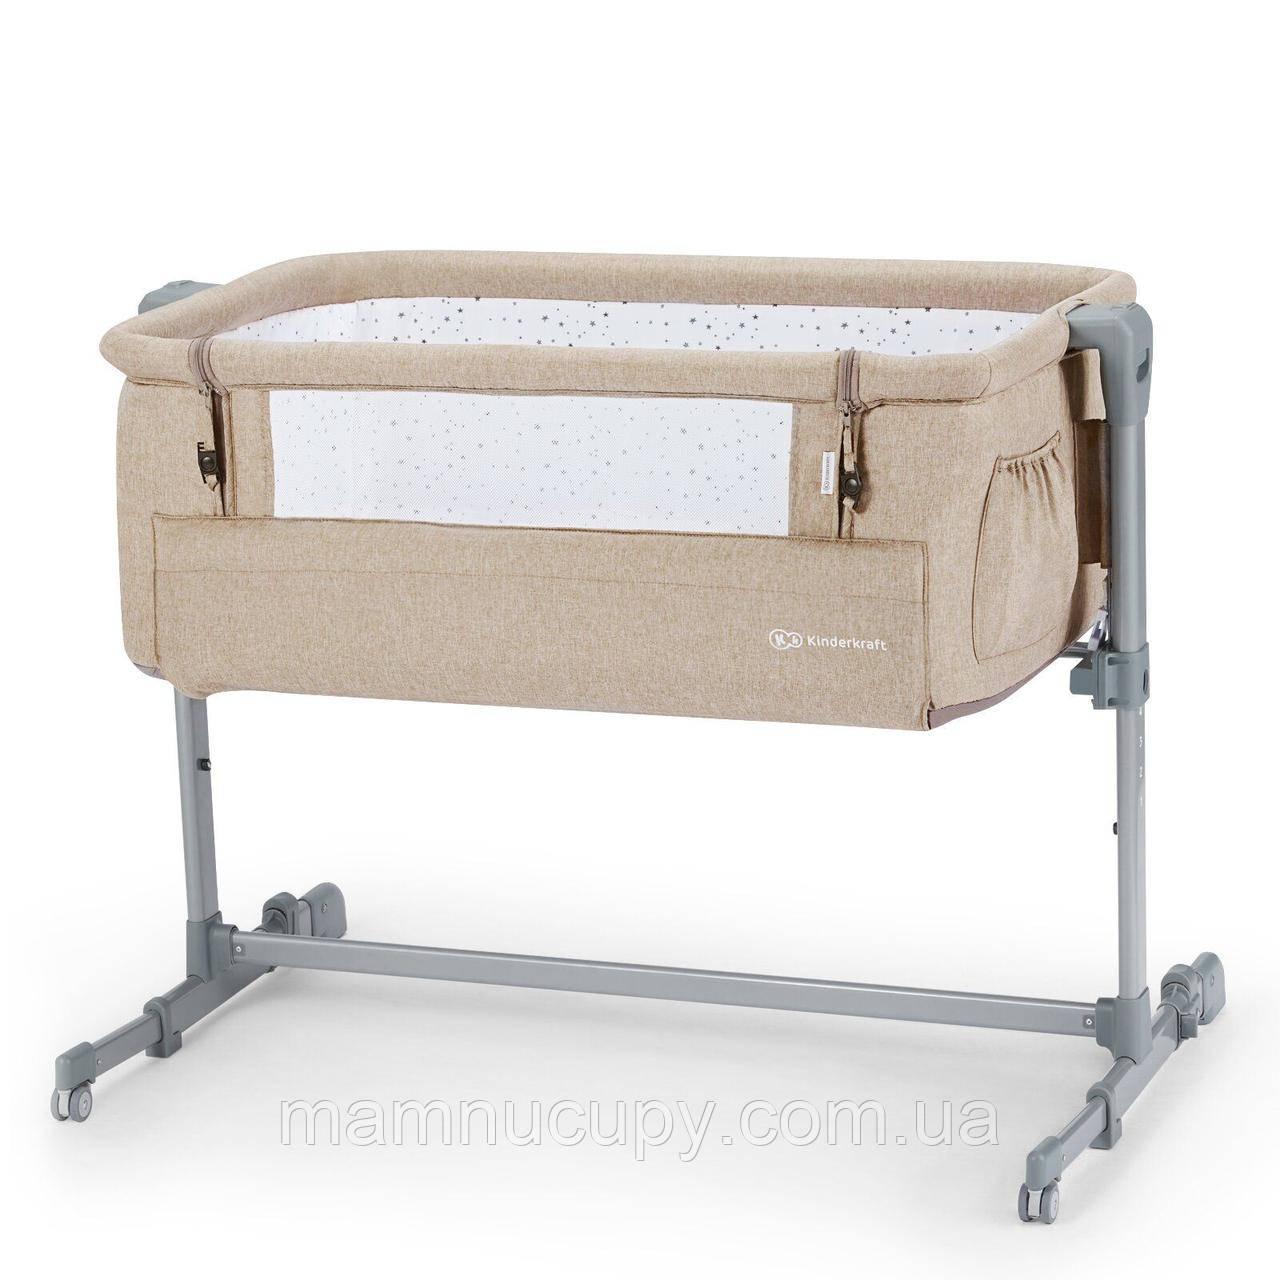 Детская приставная кроватка Kinderkraft Neste Up Beige